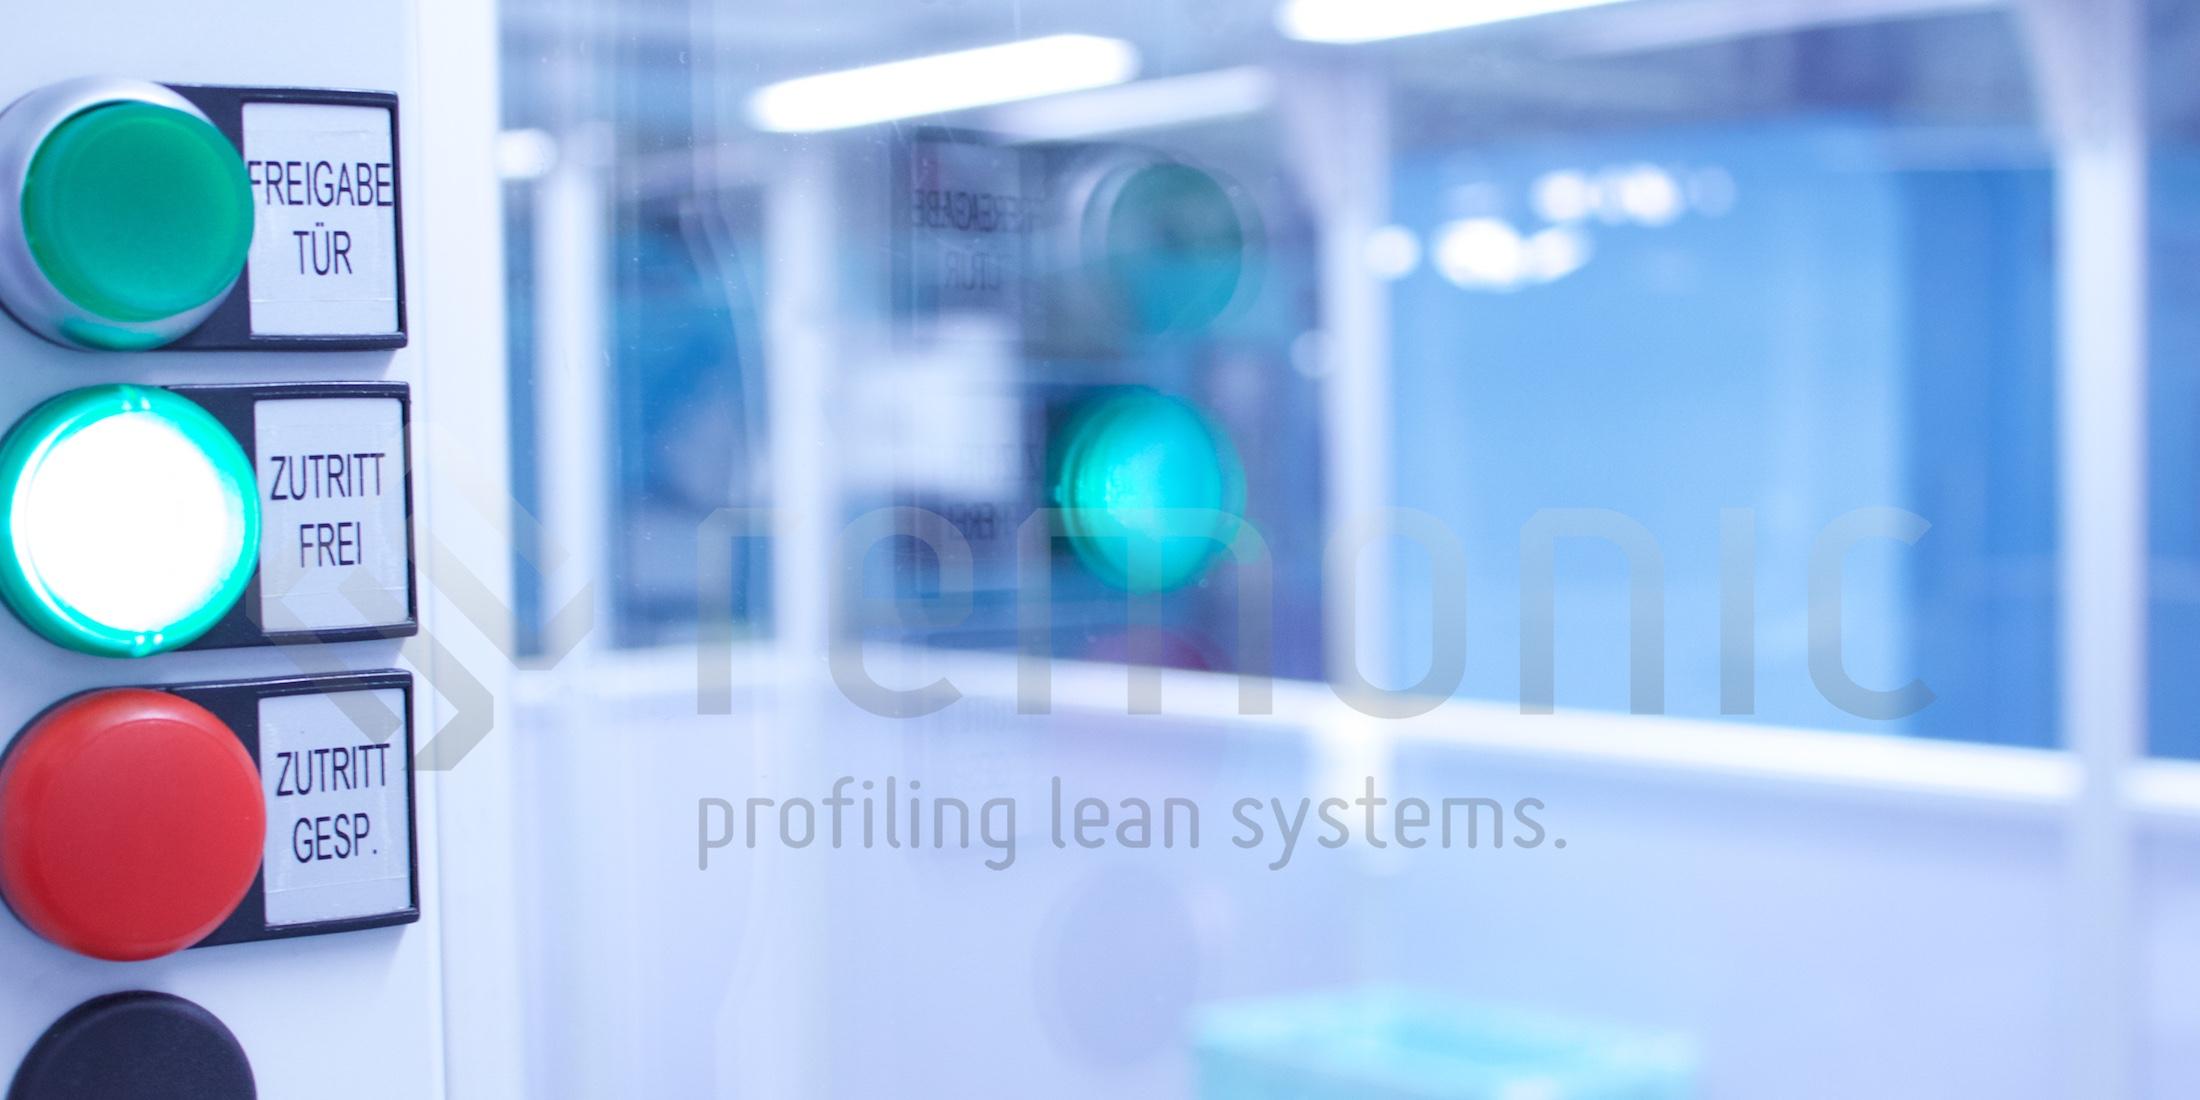 remonic bietet modulare Reinraumaufbauten und Schleusensysteme um Kontamination zu verhindern. unsere Reinraumtechnik ist revolutionär.